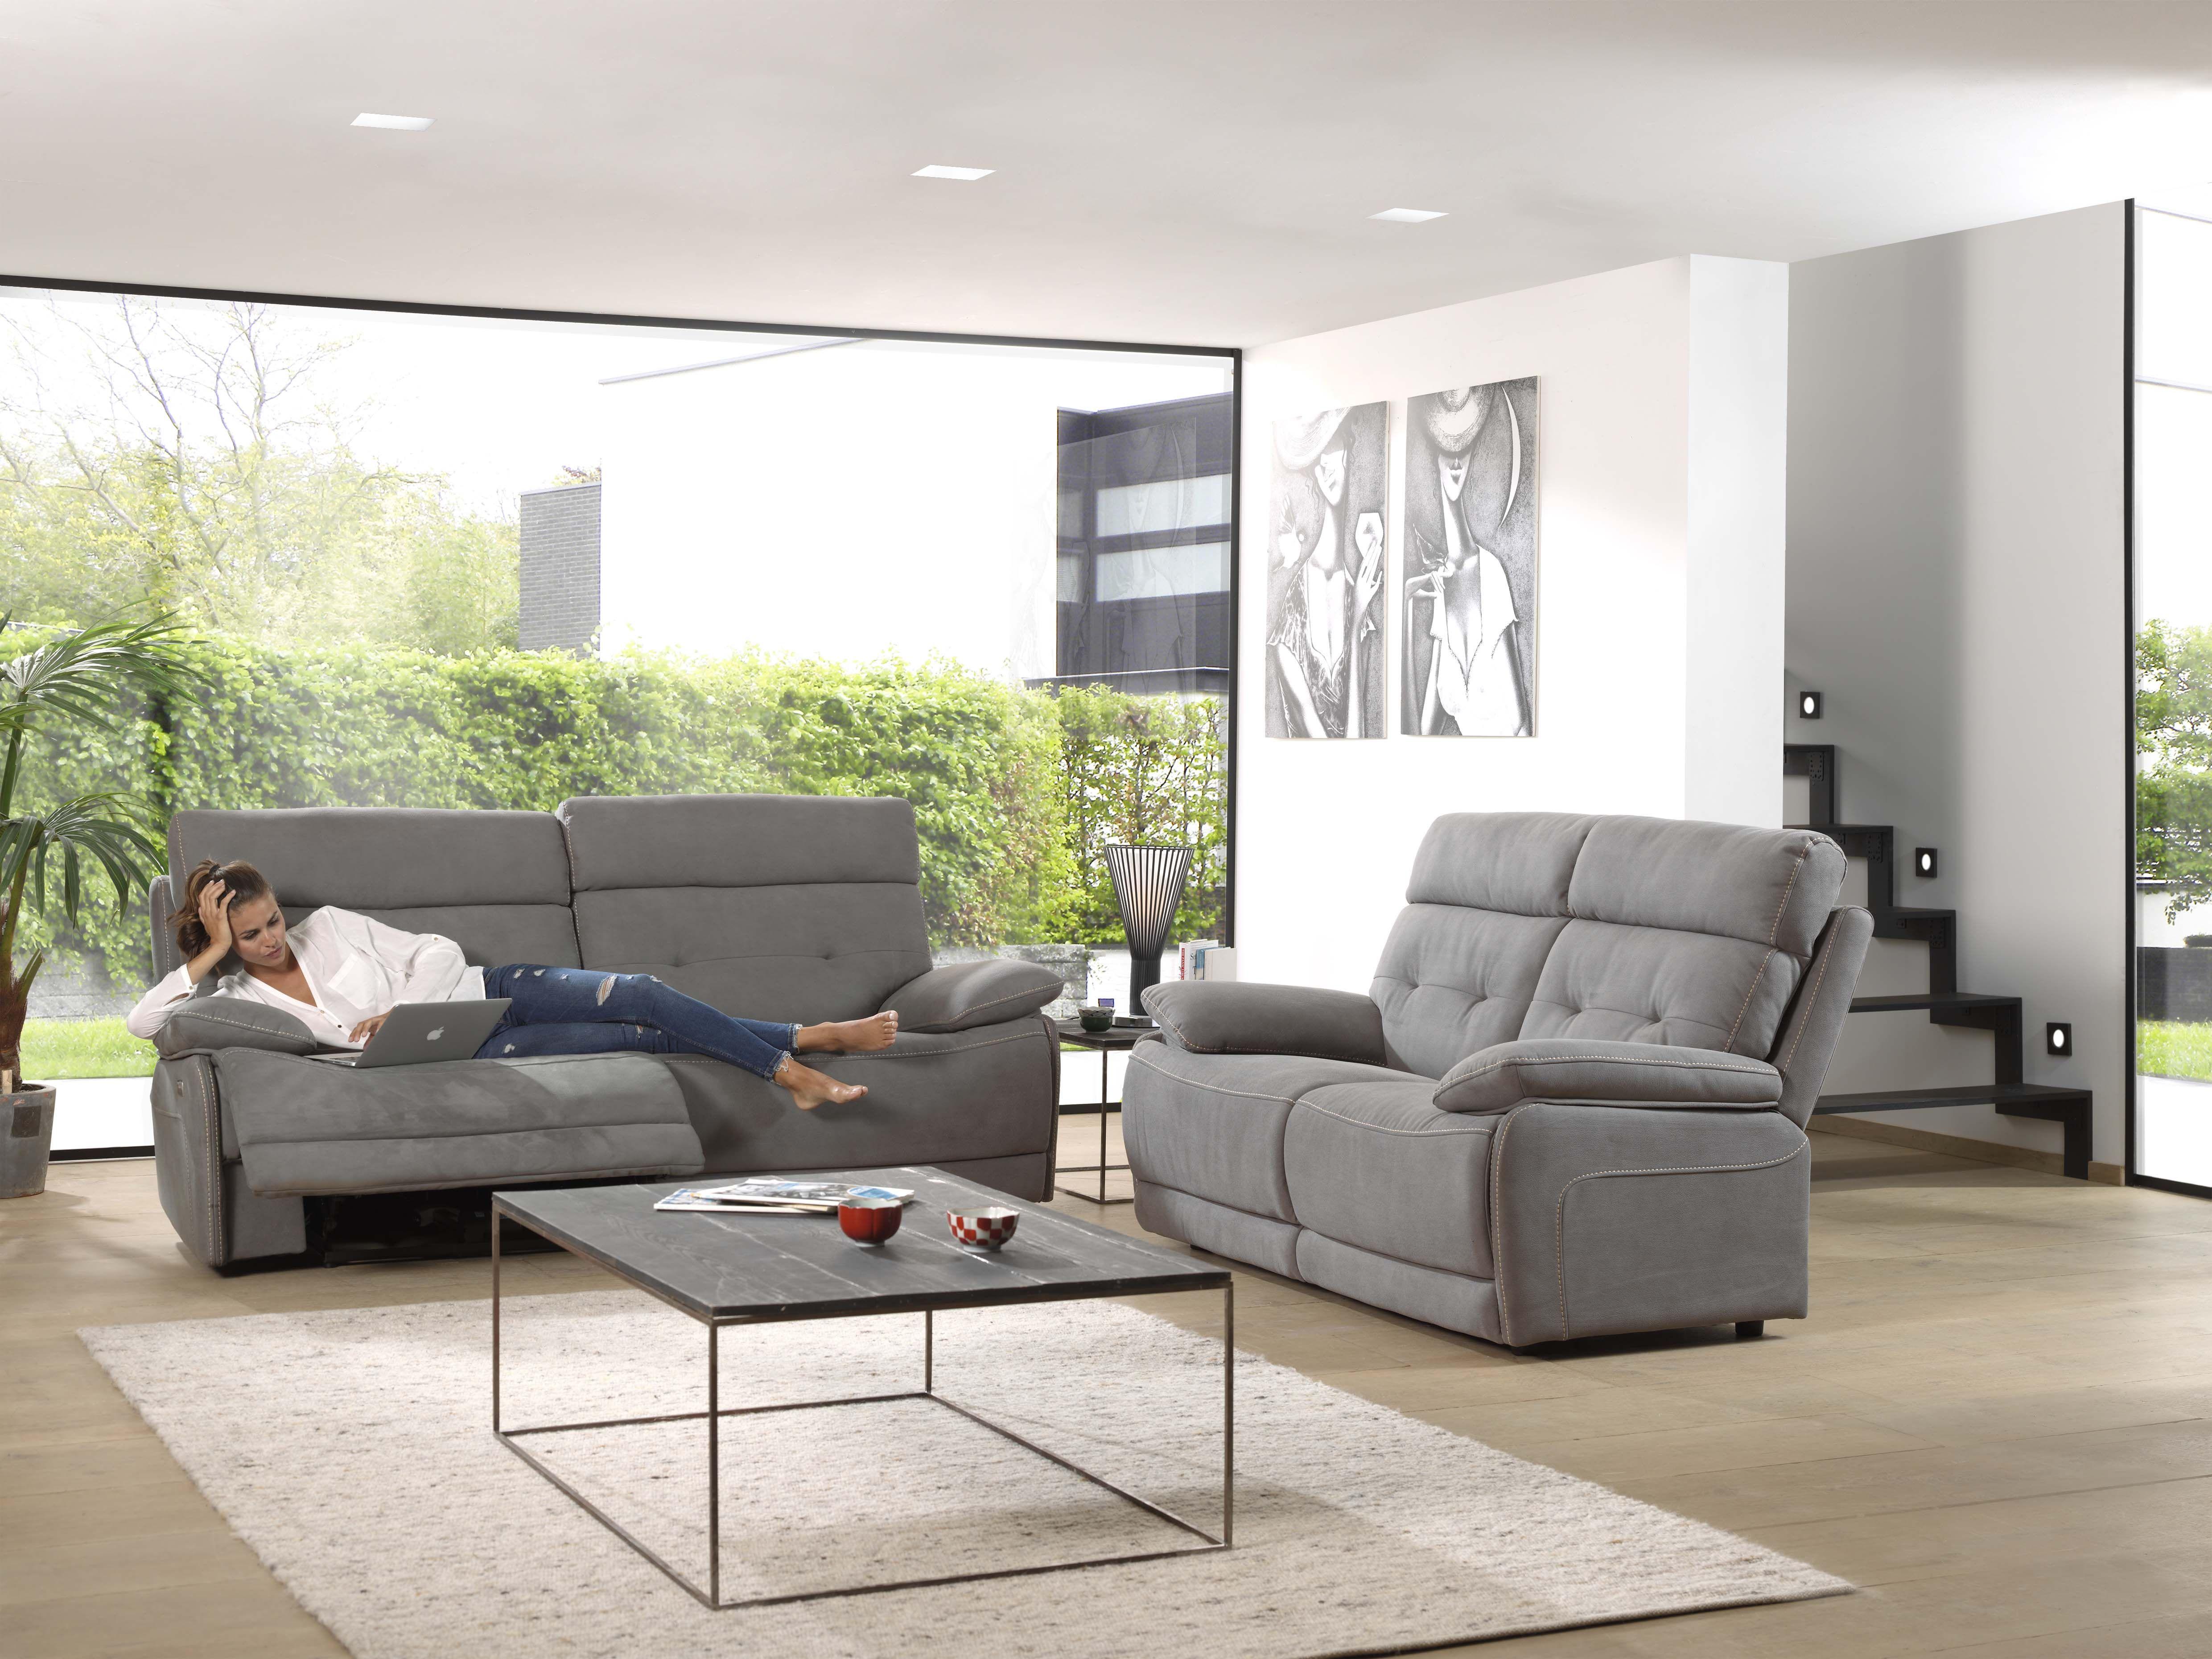 Oscar Fabuleux Salon En Tissu Disponible Avec Relax Electrique Detendez Vous Et Laissez Place Au Bien Etre Relax Meubels Keukens